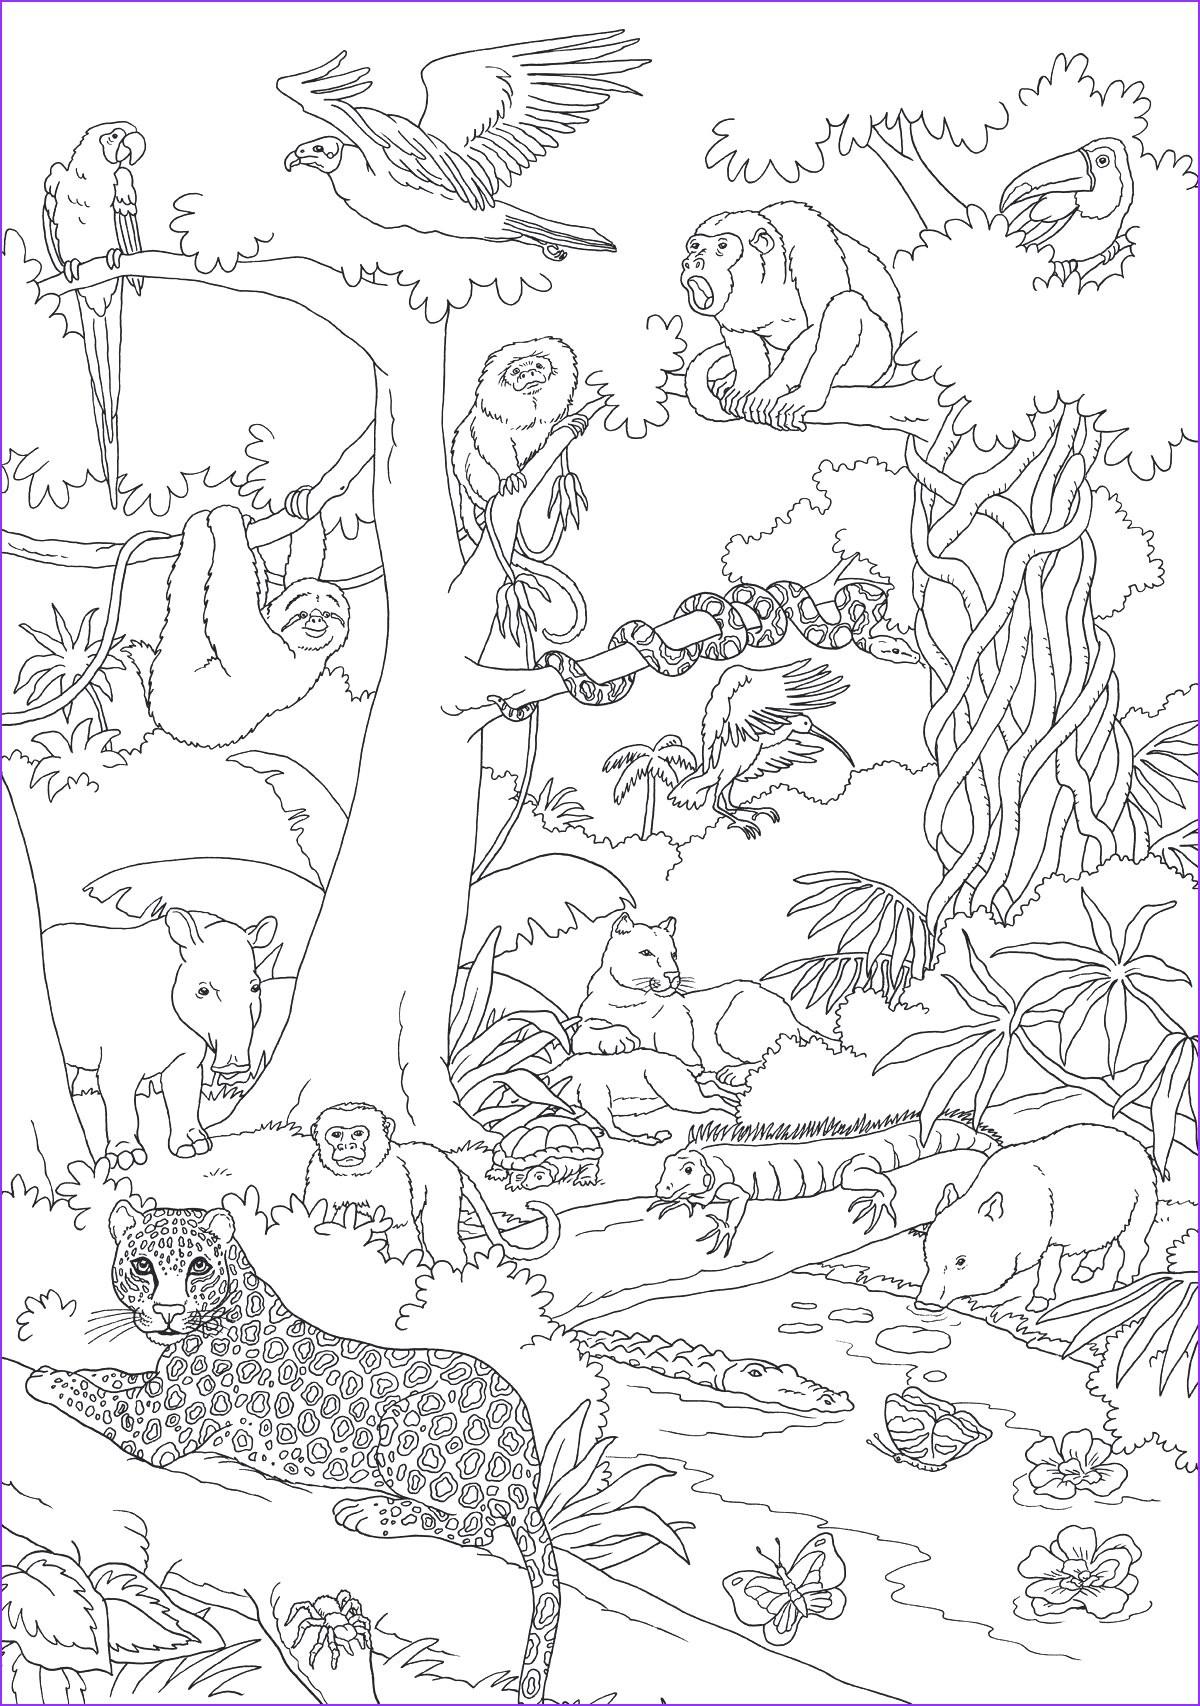 Ausmalbilder Tiere Im Dschungel Genial 60 Ausmalbilder Tiere Urwald Design Ideen Regenwald Tiere Und Galerie